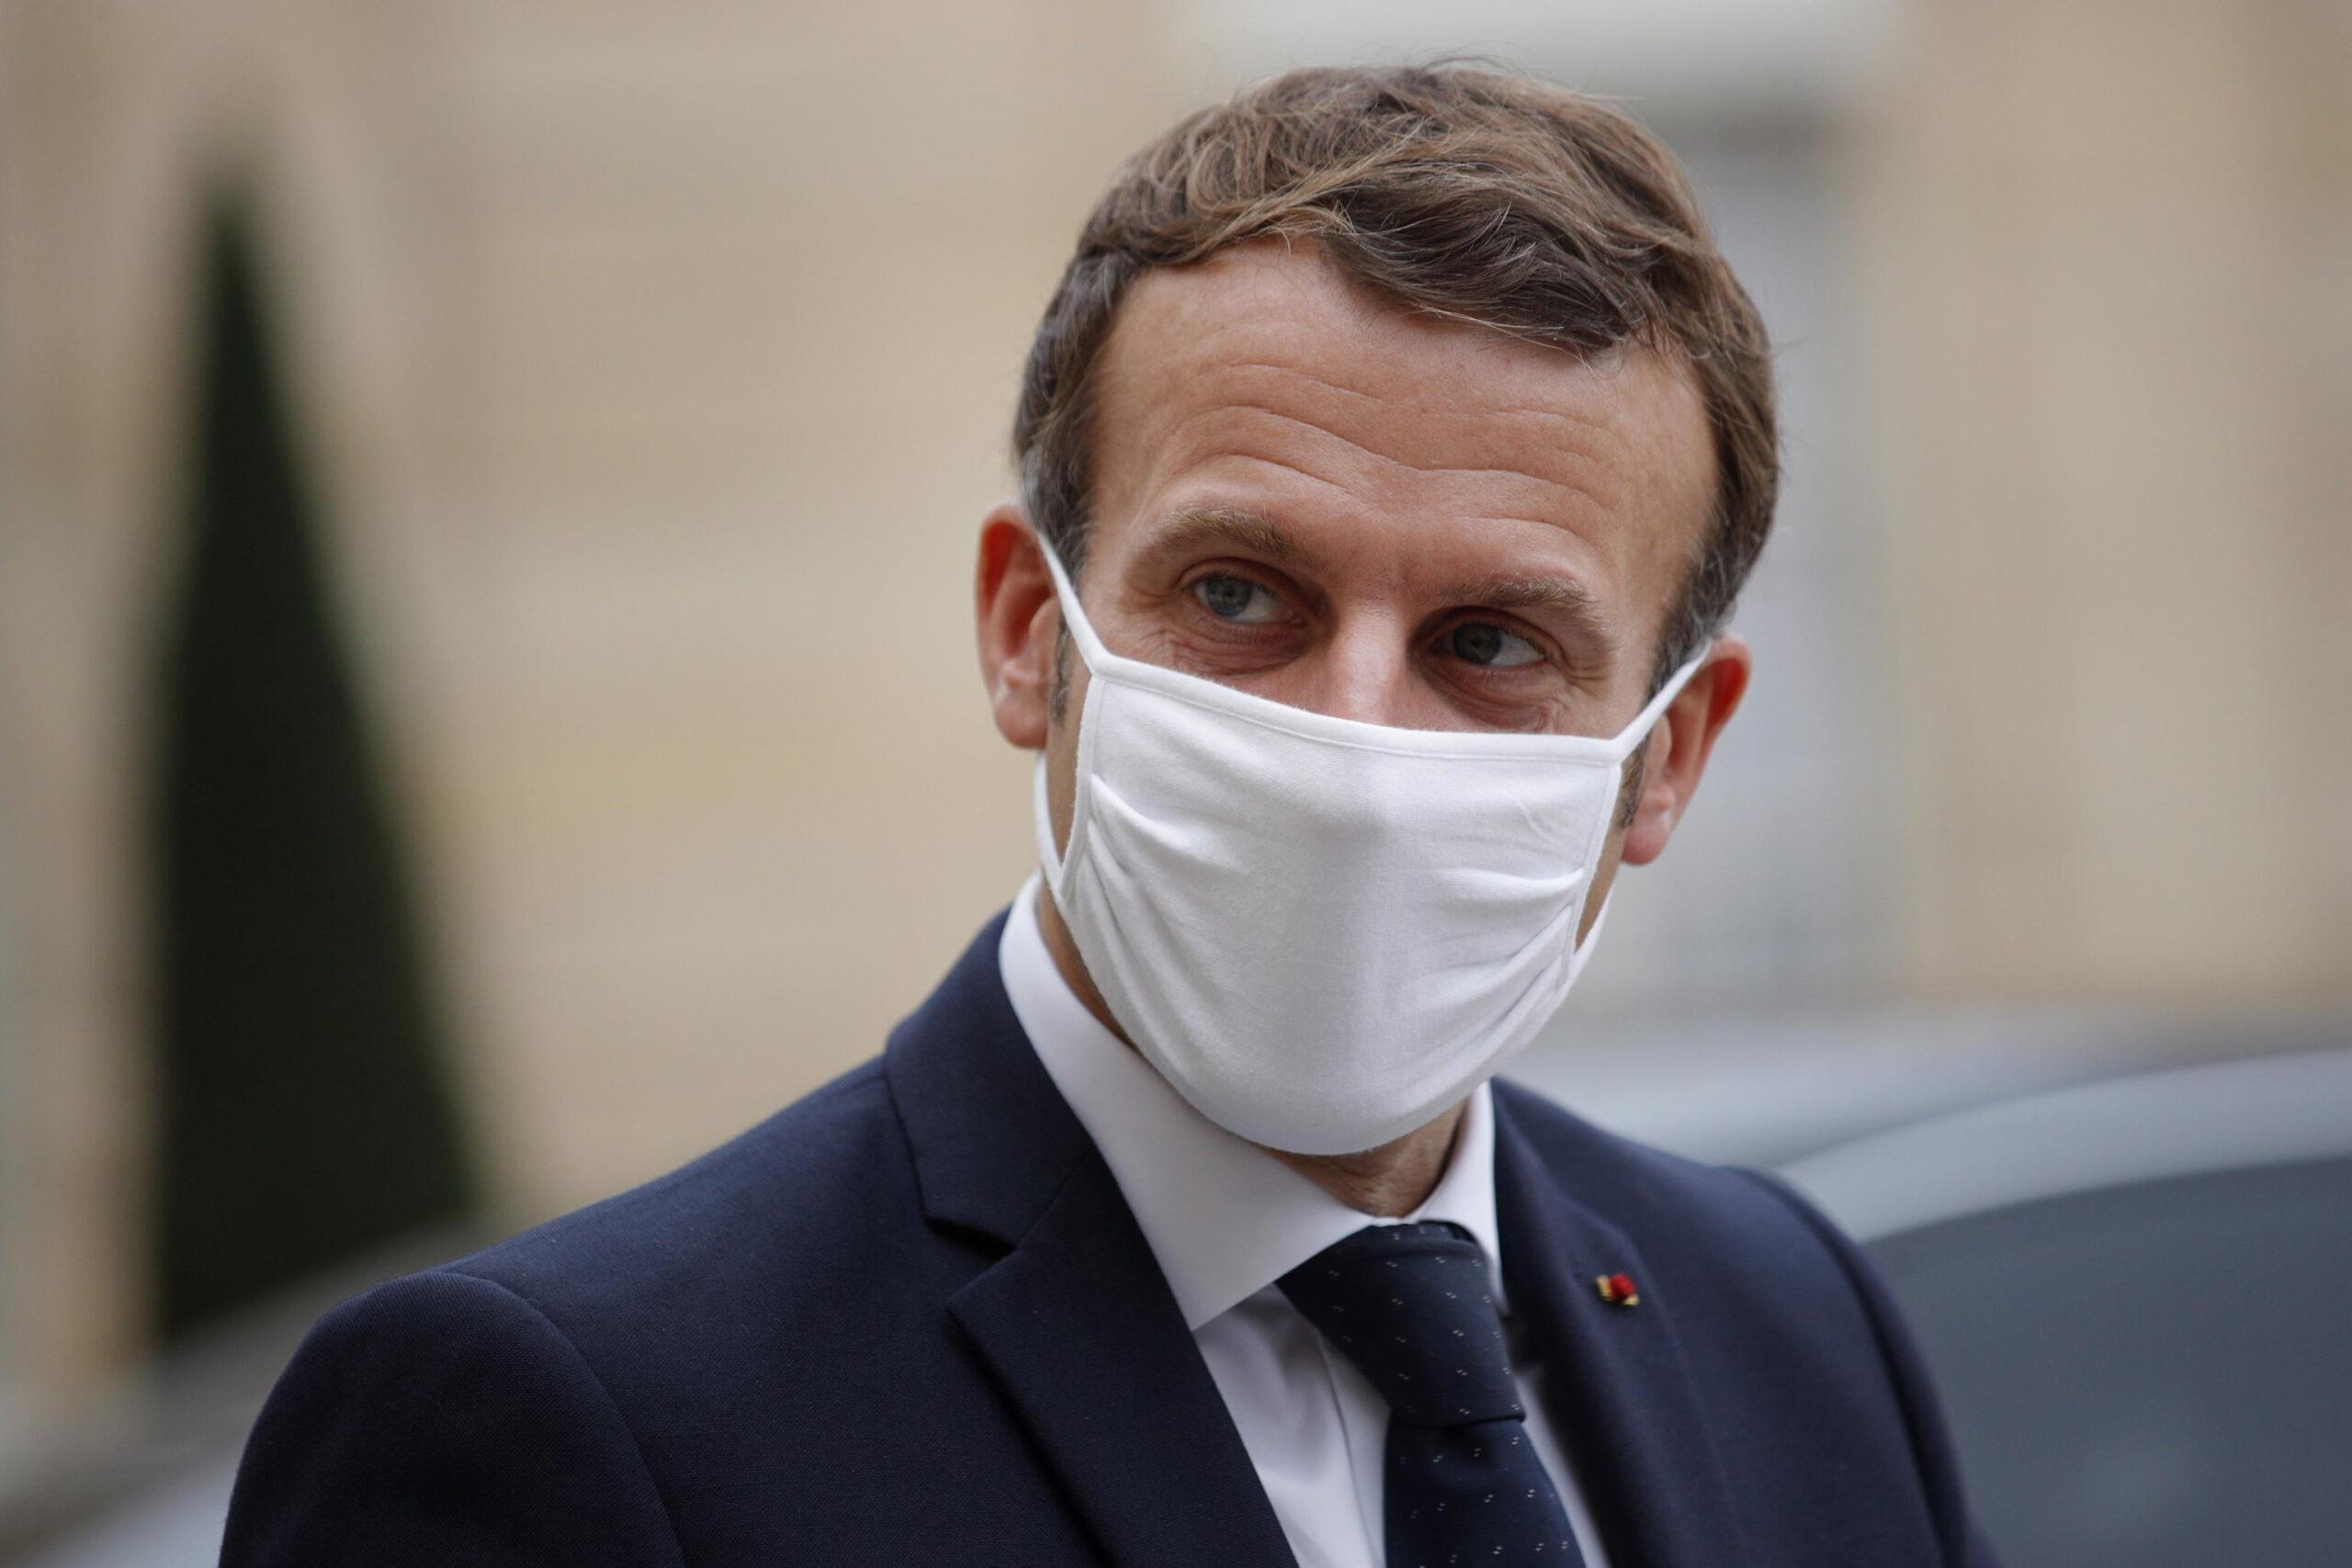 La lezione dalla Francia: abbandonare il laicismo e abbracciare la laicità liberale